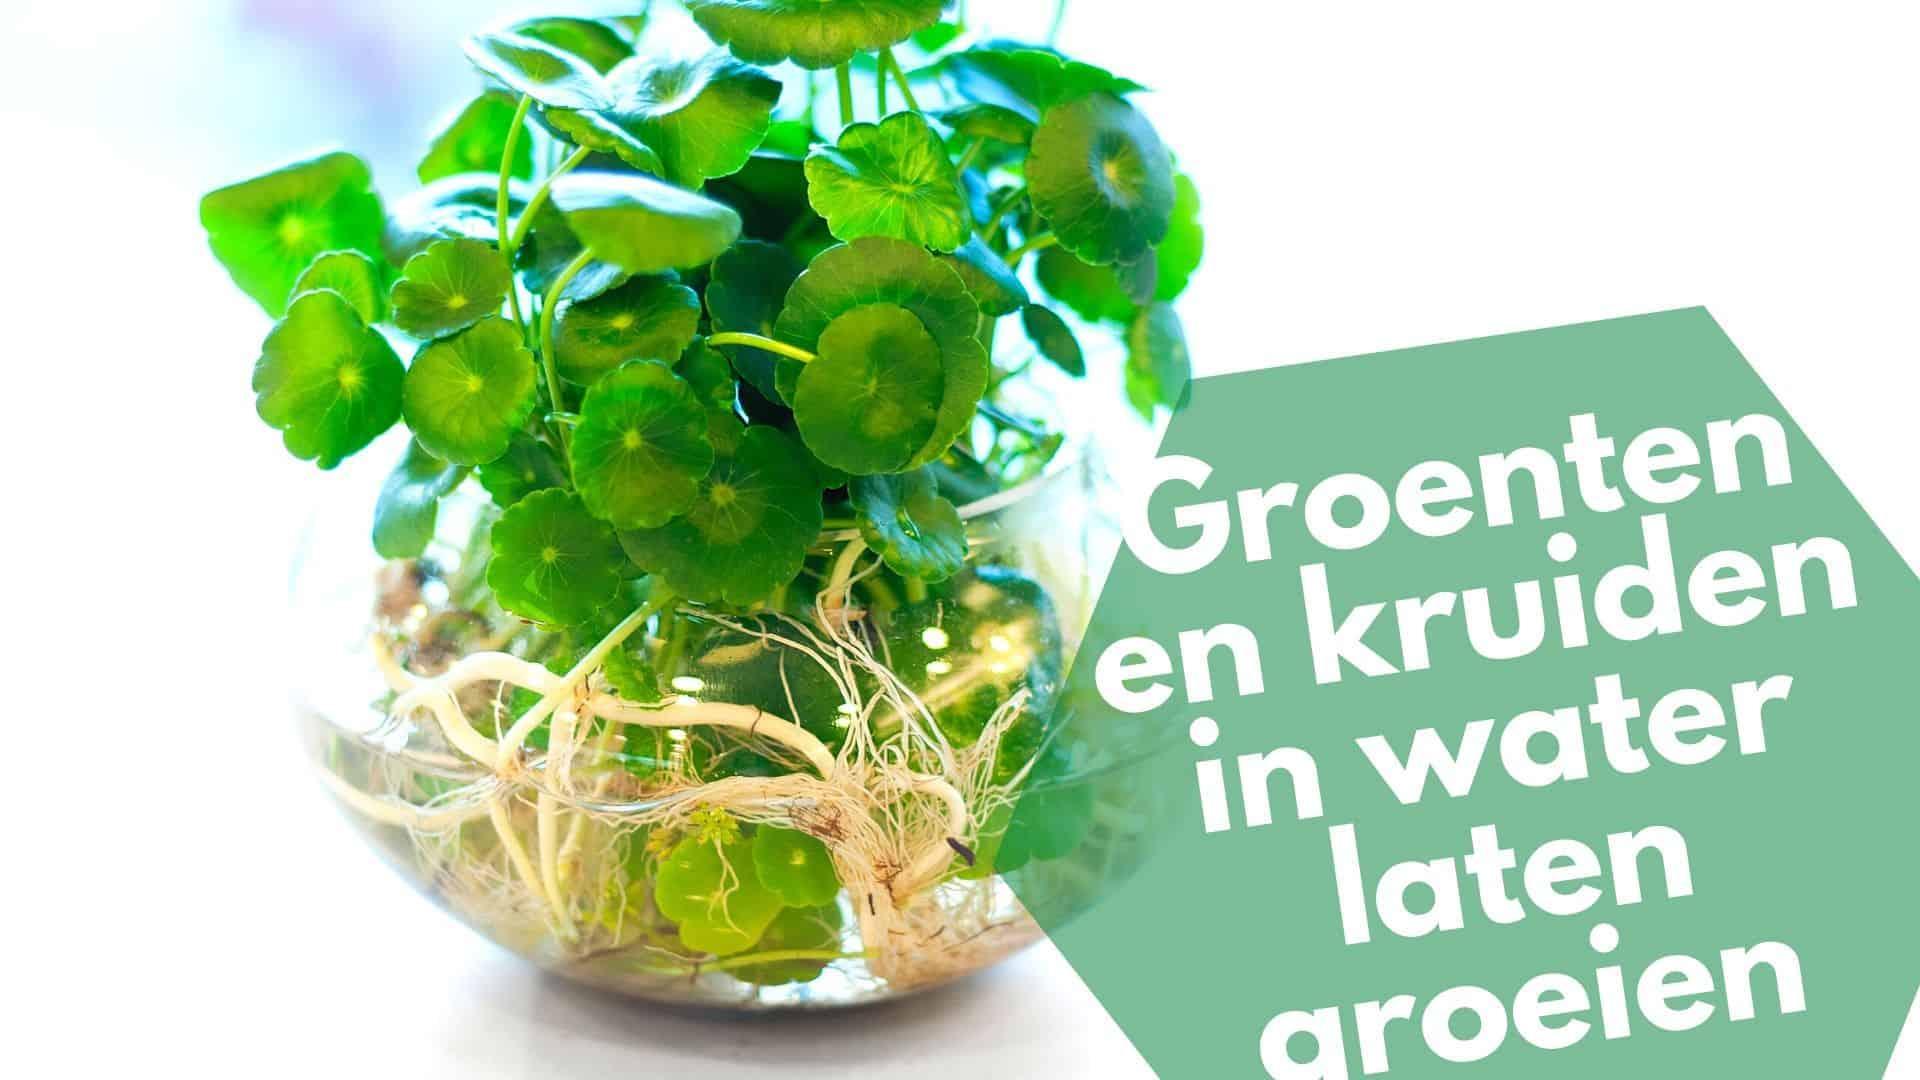 Beste kruiden en groenten die je binnen in water kunt laten groeien